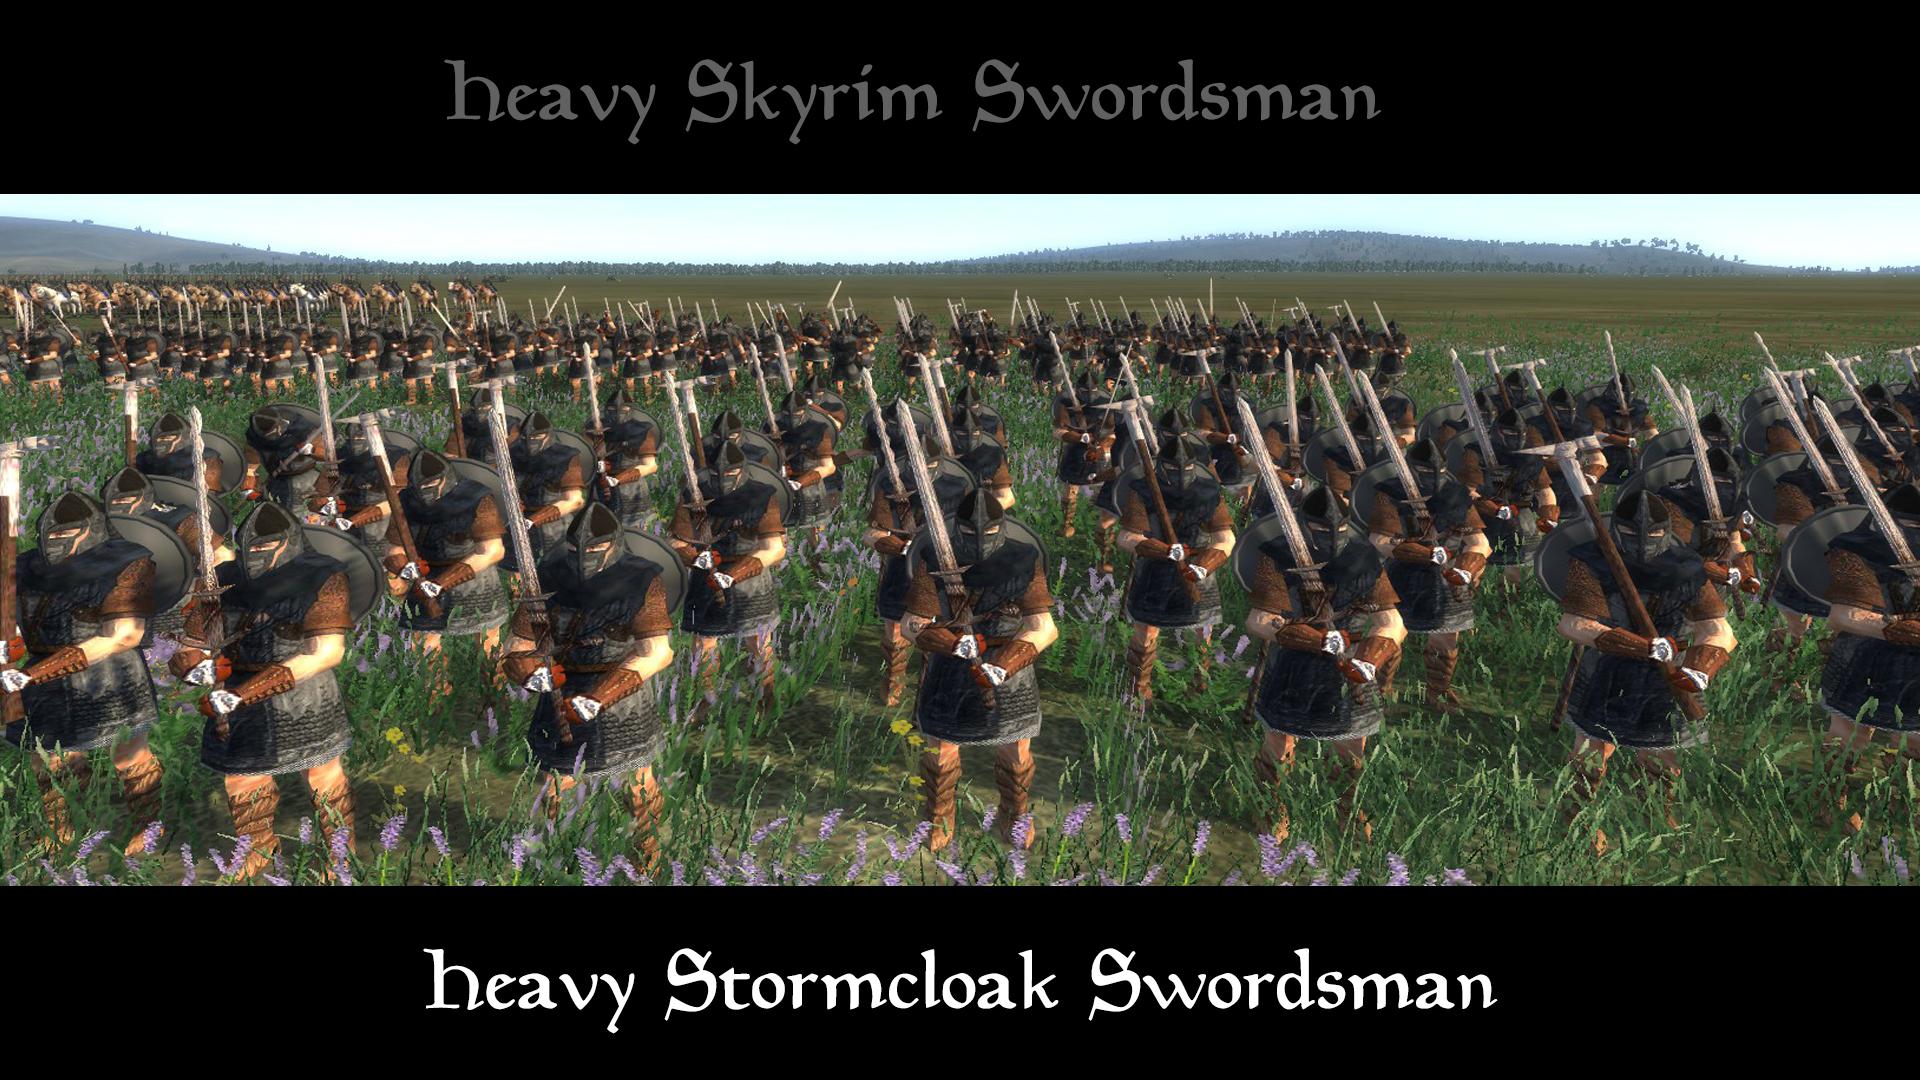 heavy stormcloak swordsman